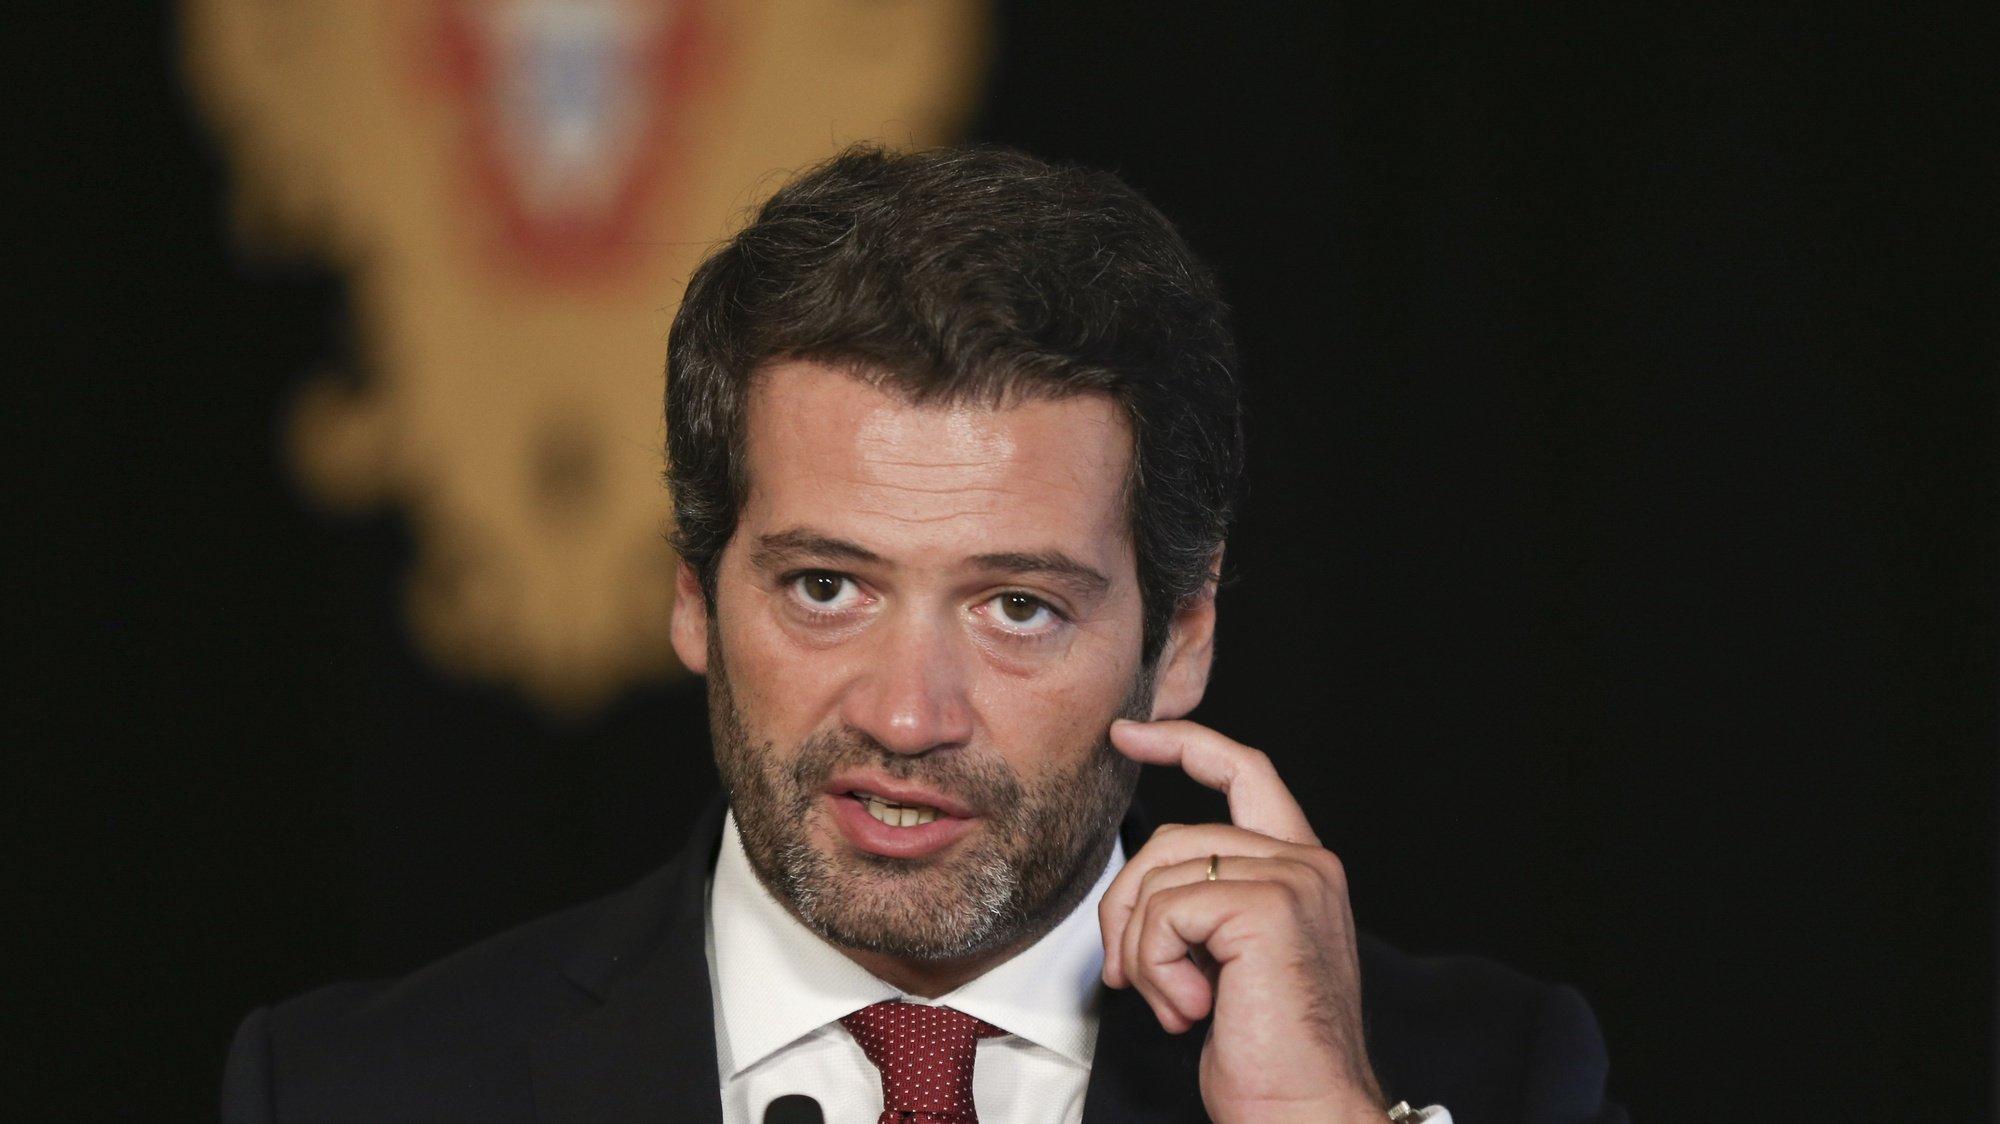 O presidente do Chega, André Ventura, fala aos jornalistas à saída de uma audiência com o Presidente da República, Marcelo Rebelo de Sousa (ausente da fotografia), 15 outubro 2021, no Palácio de Belém, em Lisboa. MANUEL DE ALMEIDA / LUSA